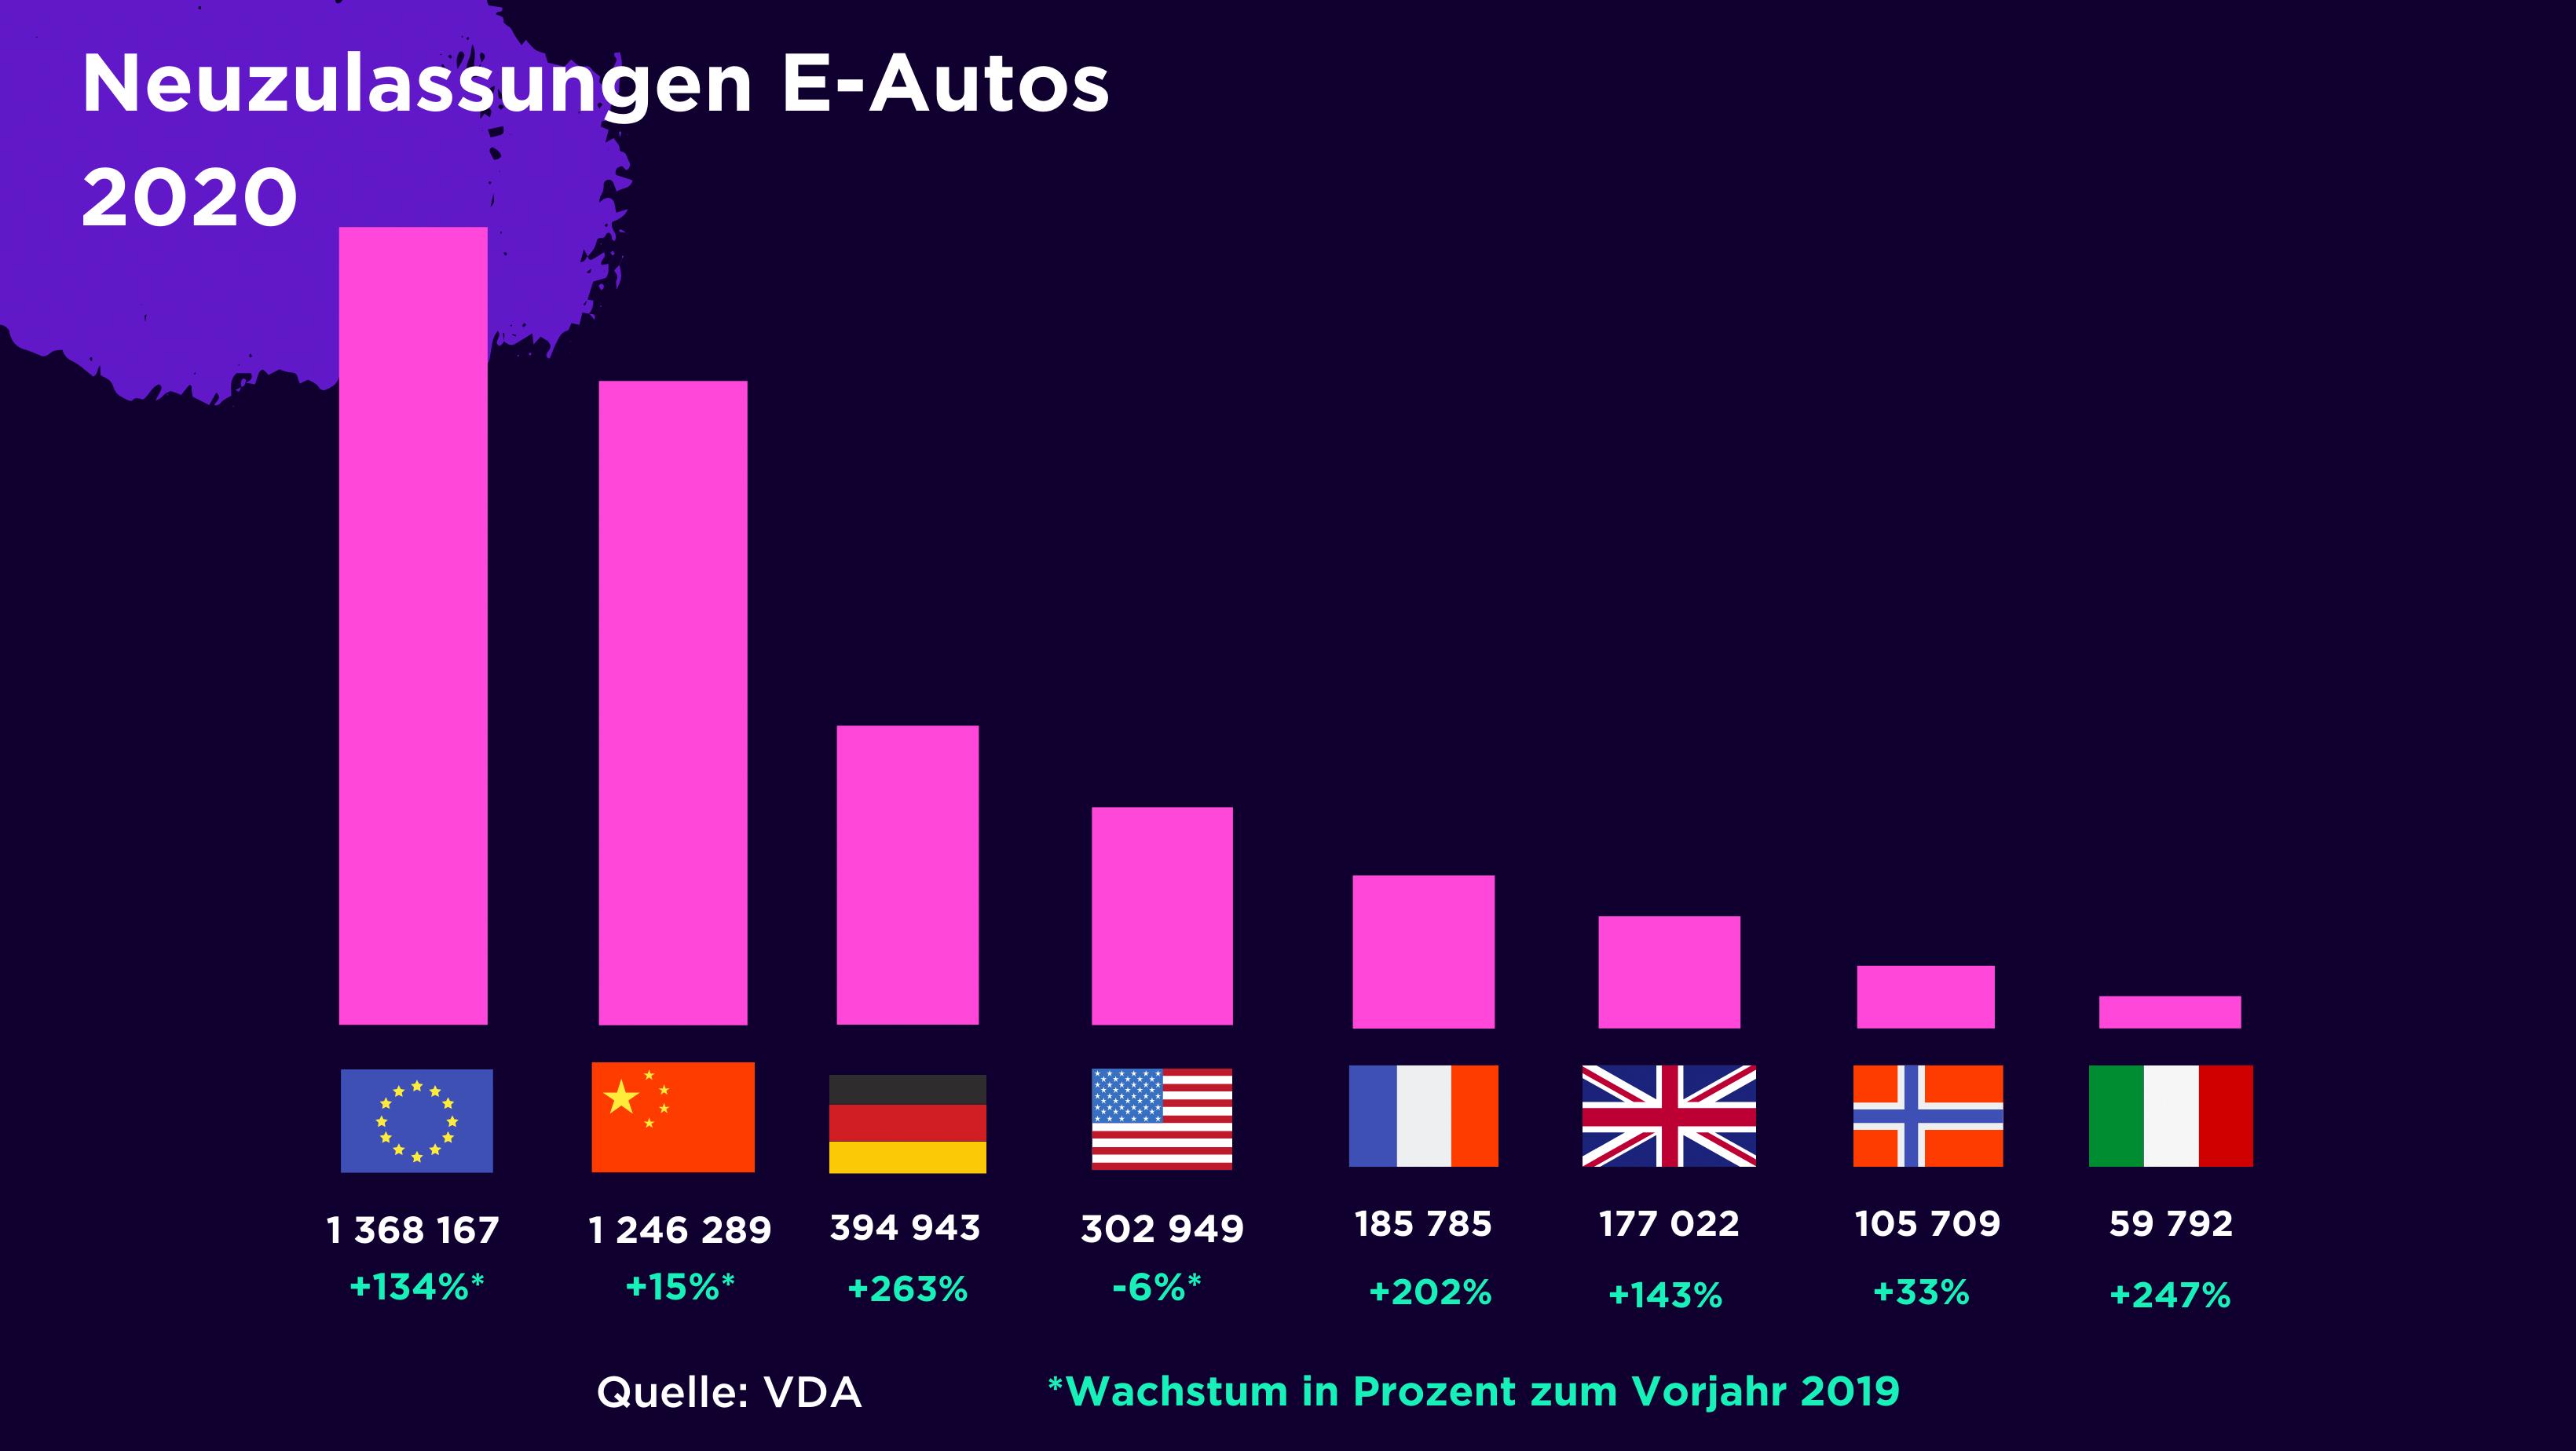 Grafik: Neuzulassungen von E-Autos im Jahr 2020 Weltweit